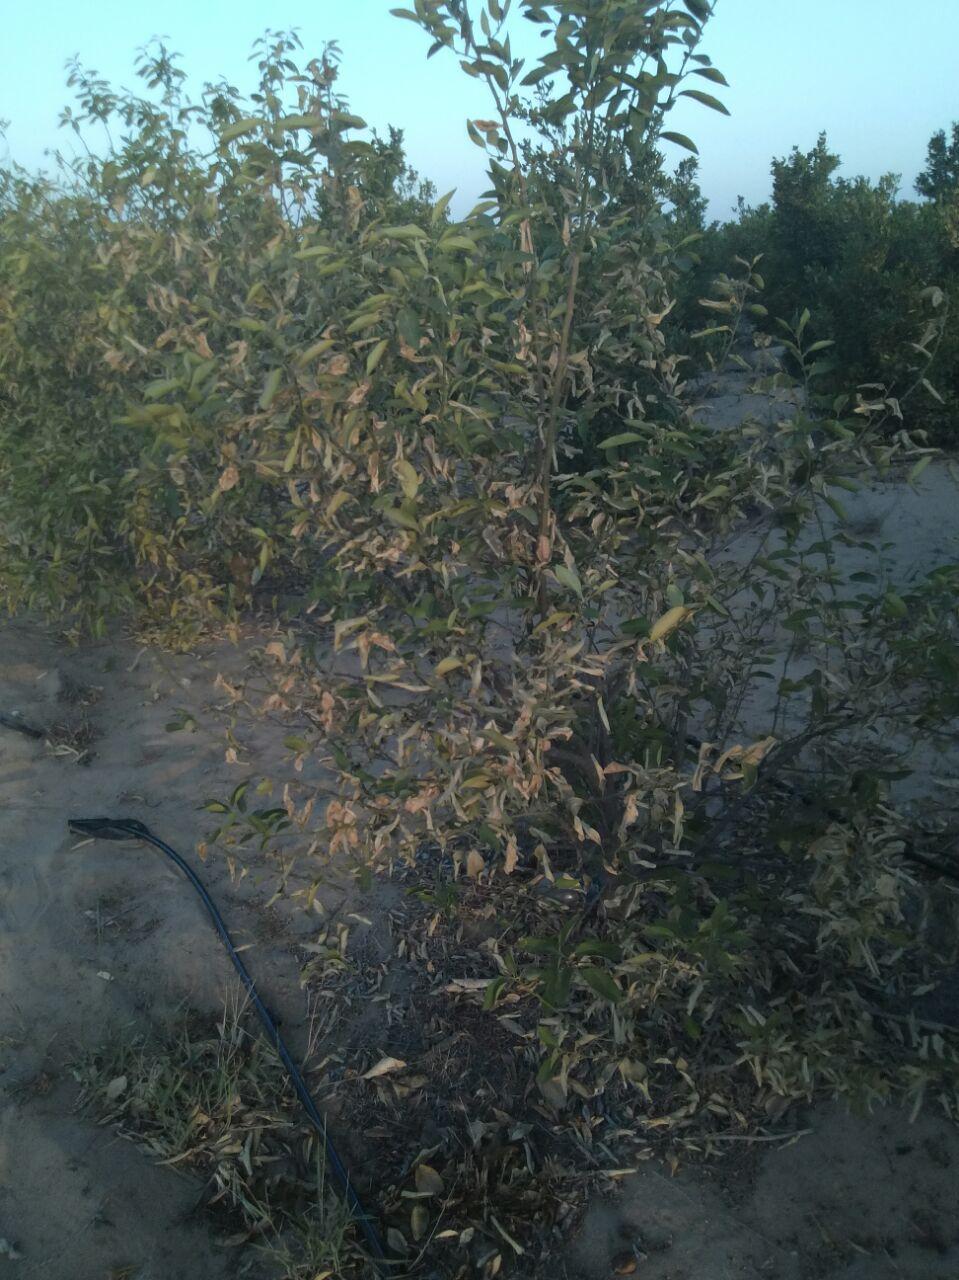 مزارعو الإسماعيلية يشكون غياب مياه الري: الشجر نزل طرحه.. والمية لمزارع السمك